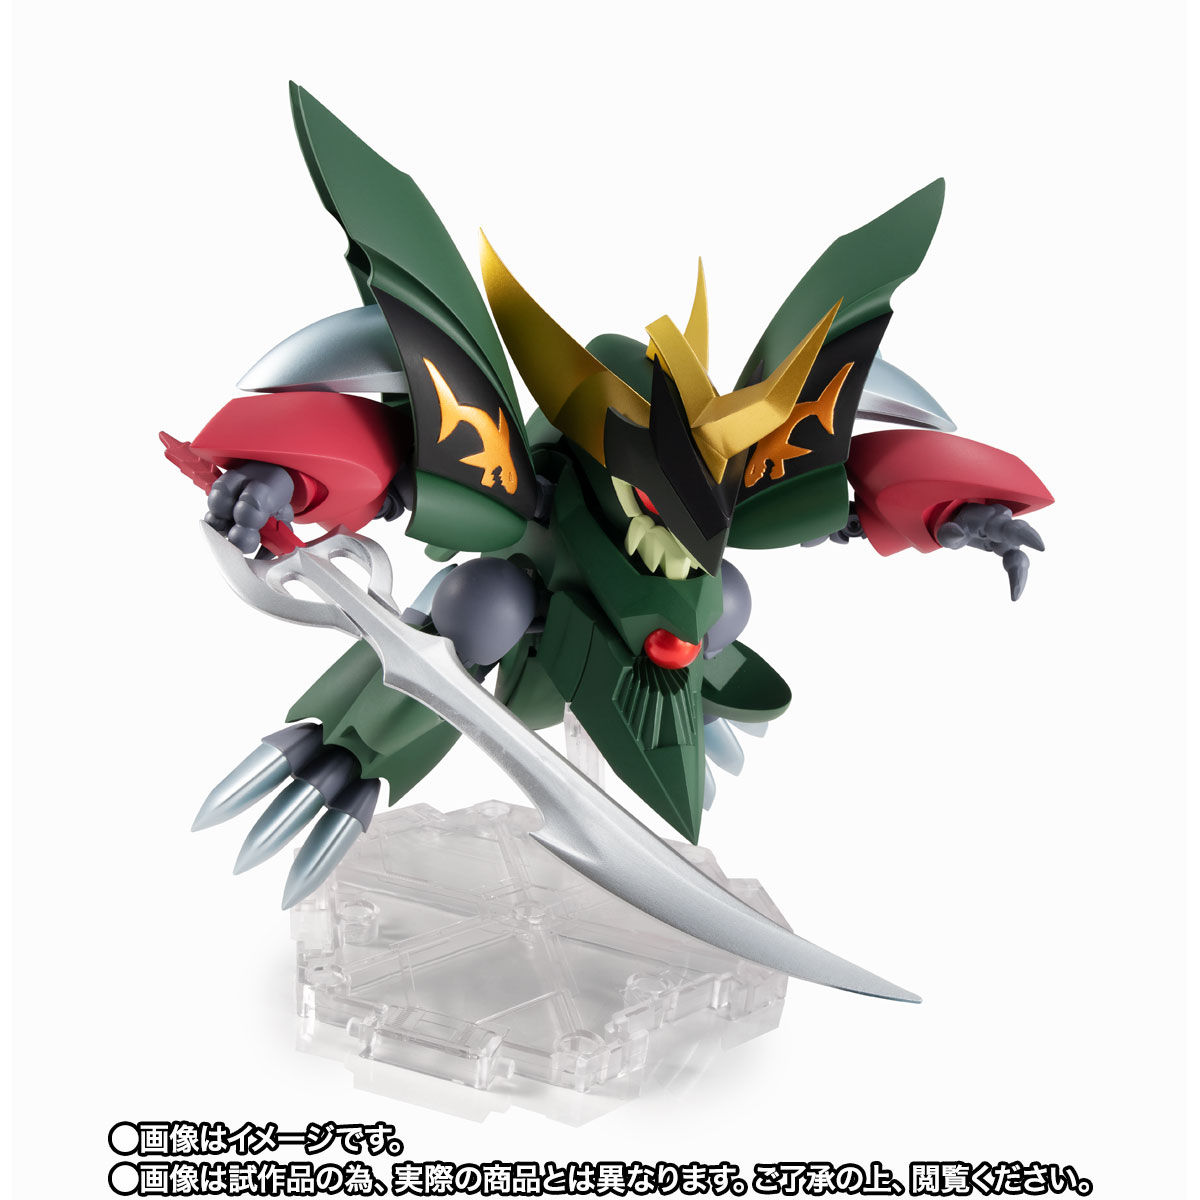 【限定販売】NXEDGE STYLE[MASHIN UNIT]『真・夏鬼丸』魔神英雄伝ワタル2 可動フィギュア-004